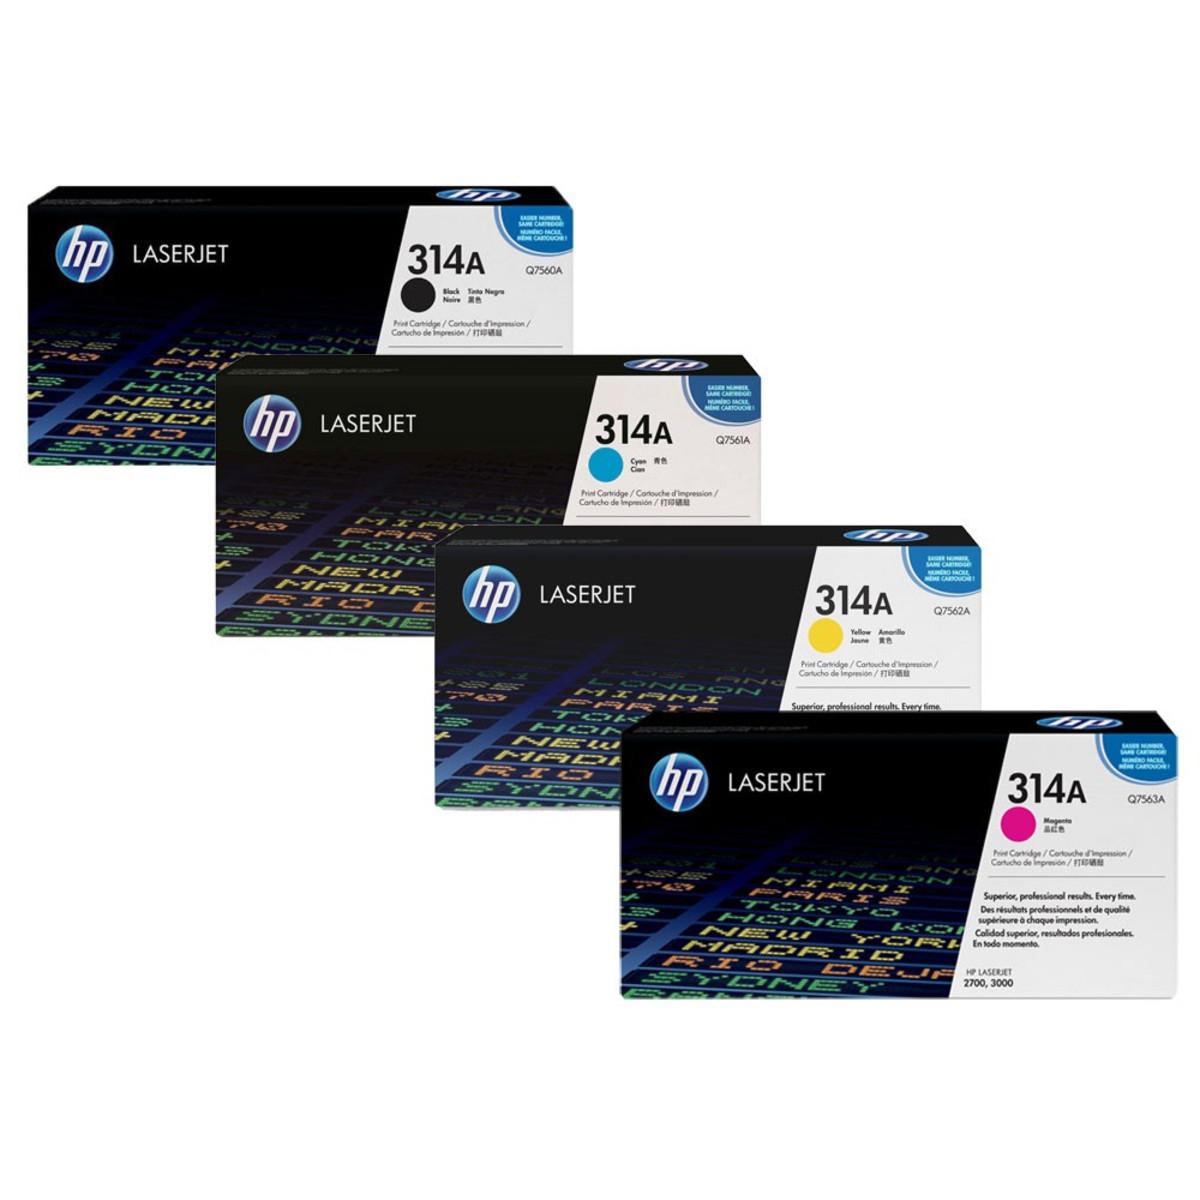 HP 314A (Q7560A) Toner Colour Bundle Pack